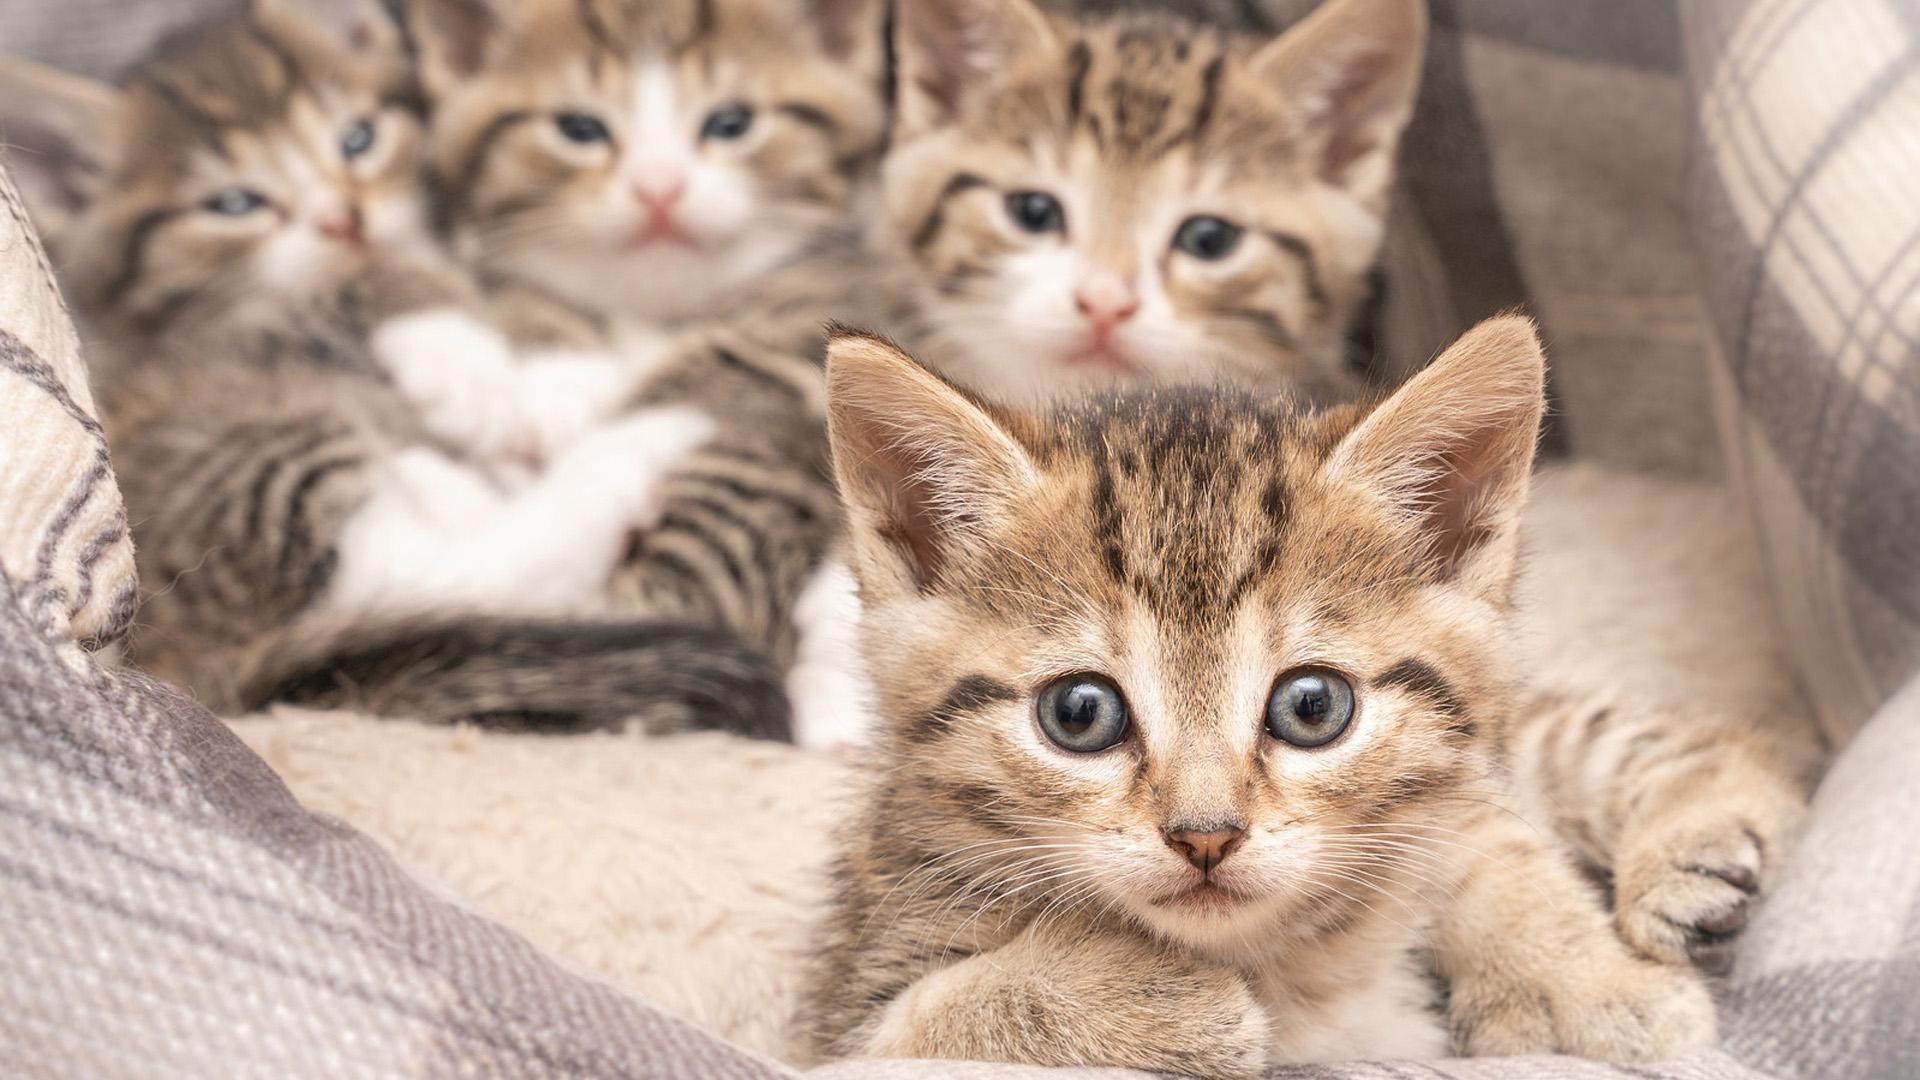 萌宠动物,喵星人,猫咪,奶猫,可爱